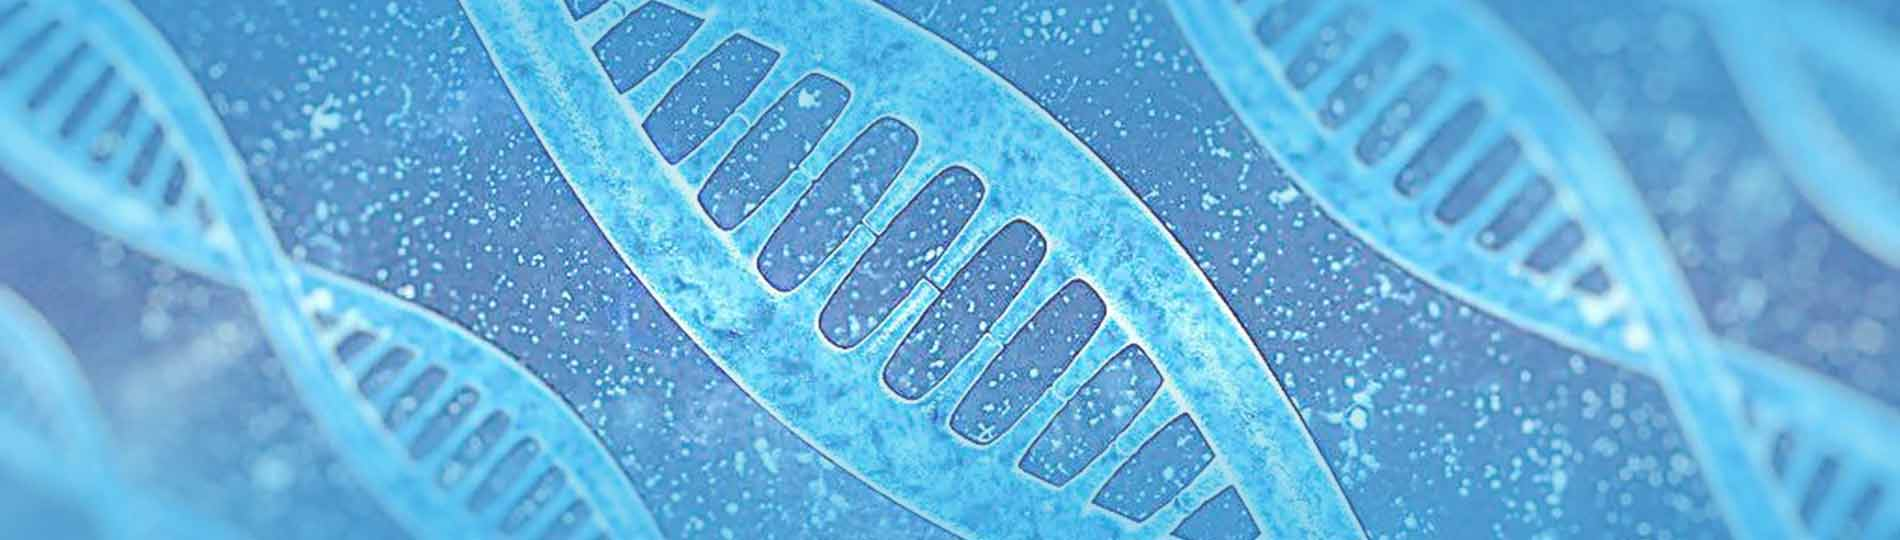 2020年最新结核分枝杆菌基因敲除菌株